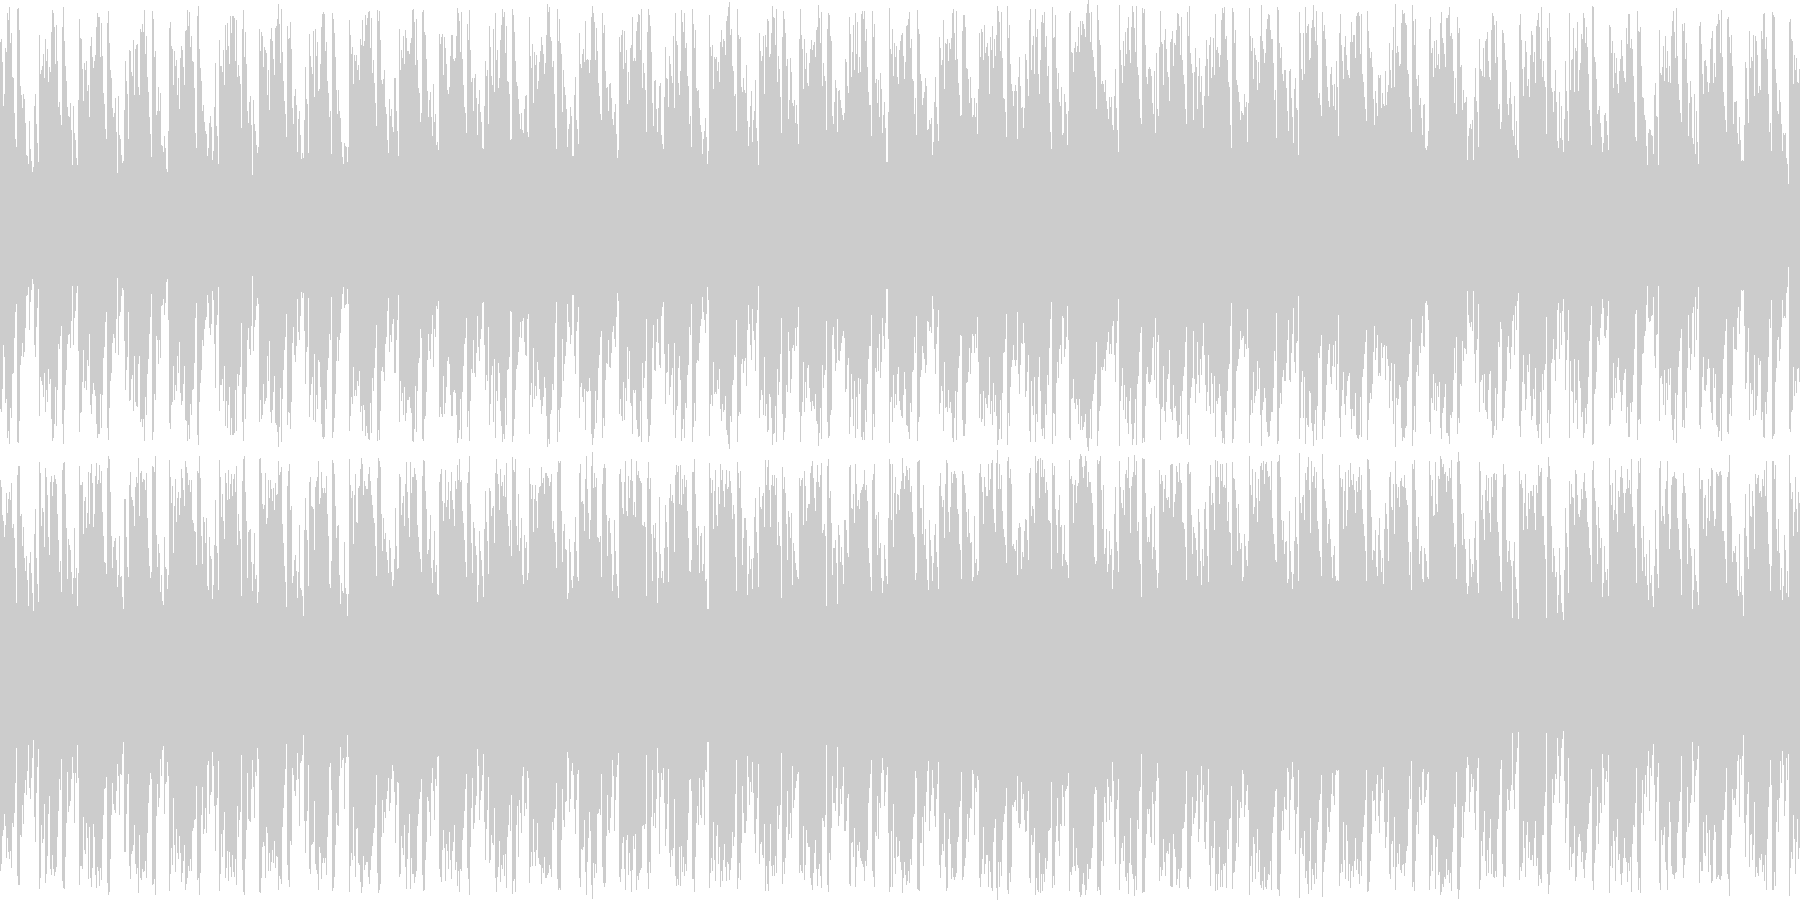 平和で明るめなフィールドBGMの未再生の波形